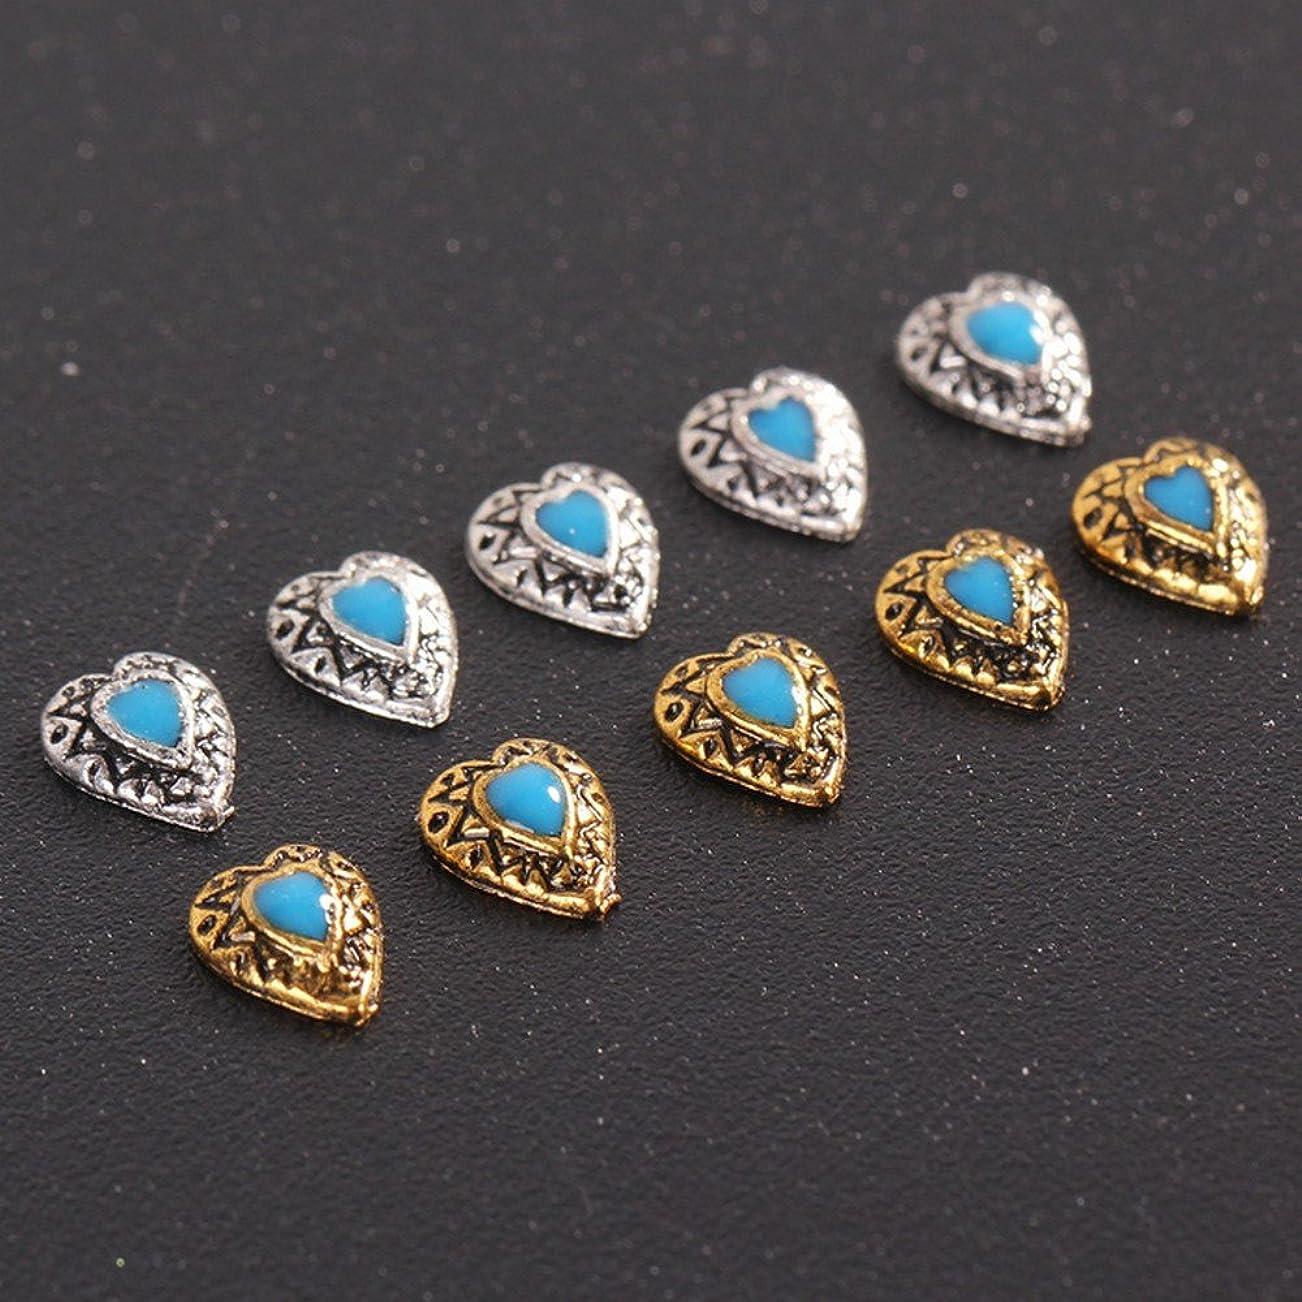 ハートネイルパーツ ネイルアート スタッズ ネイル用品 約5mm 10個入り大人の女性らしい天然石風 ゴールド/シルバーの2色